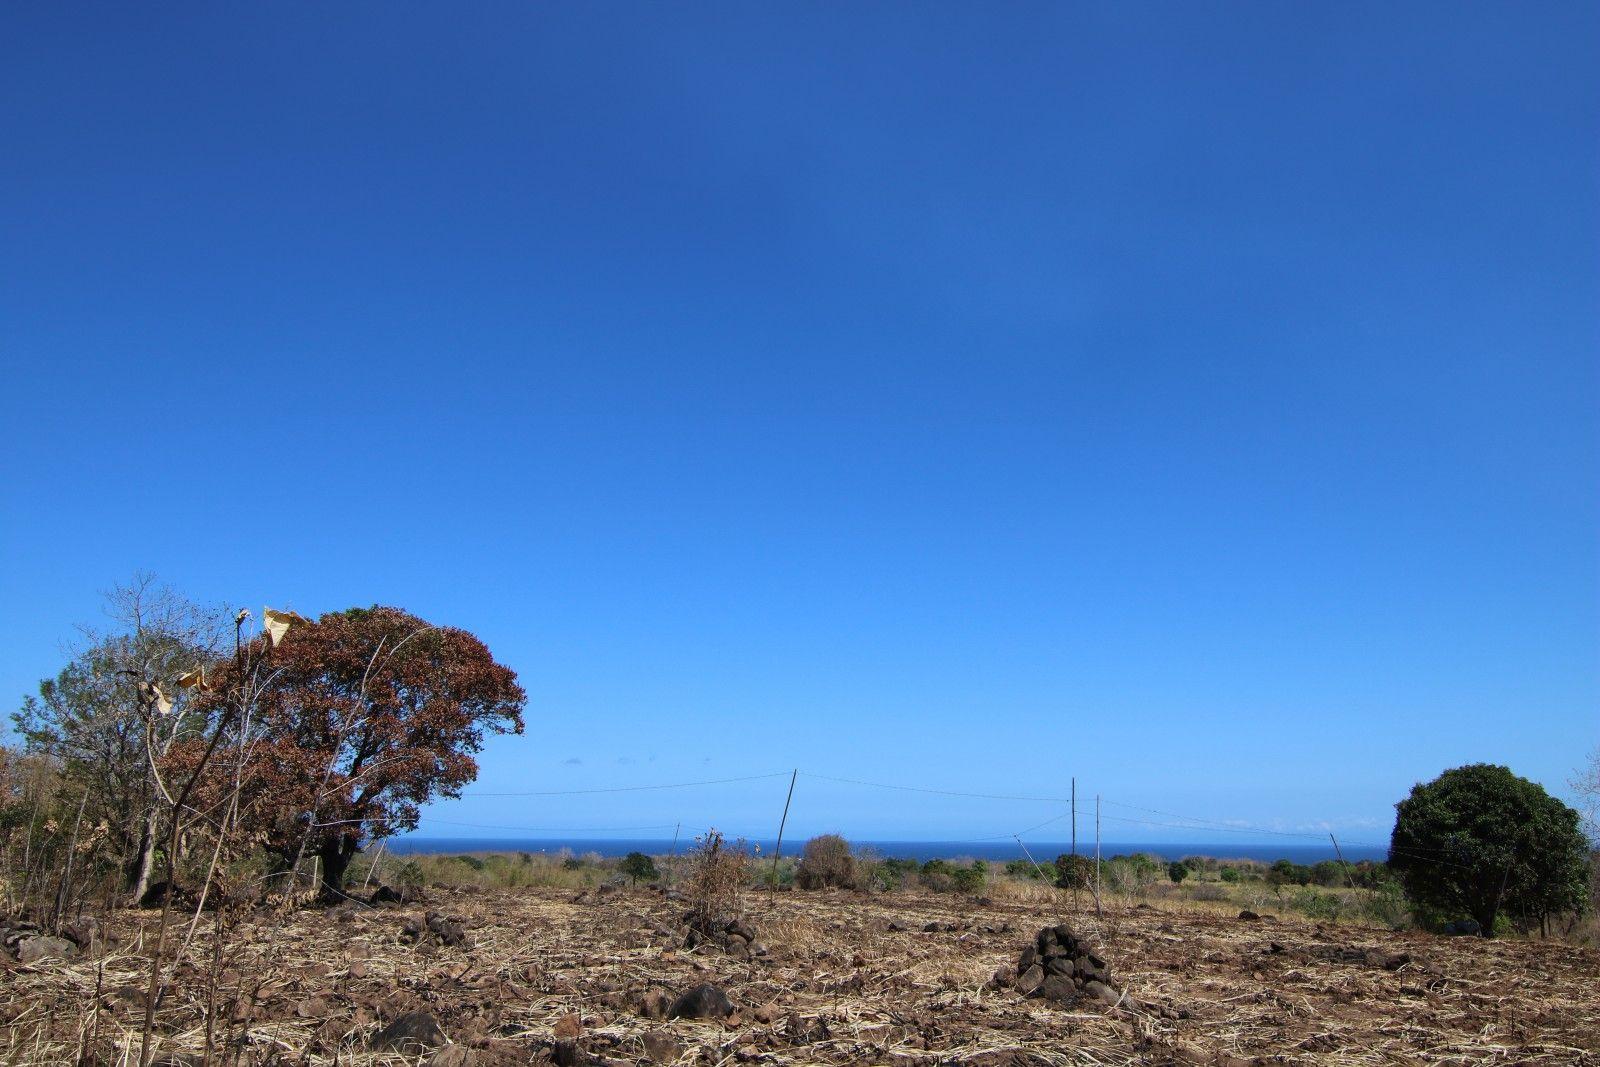 Zamboanguita Ocean View Lots for Sale